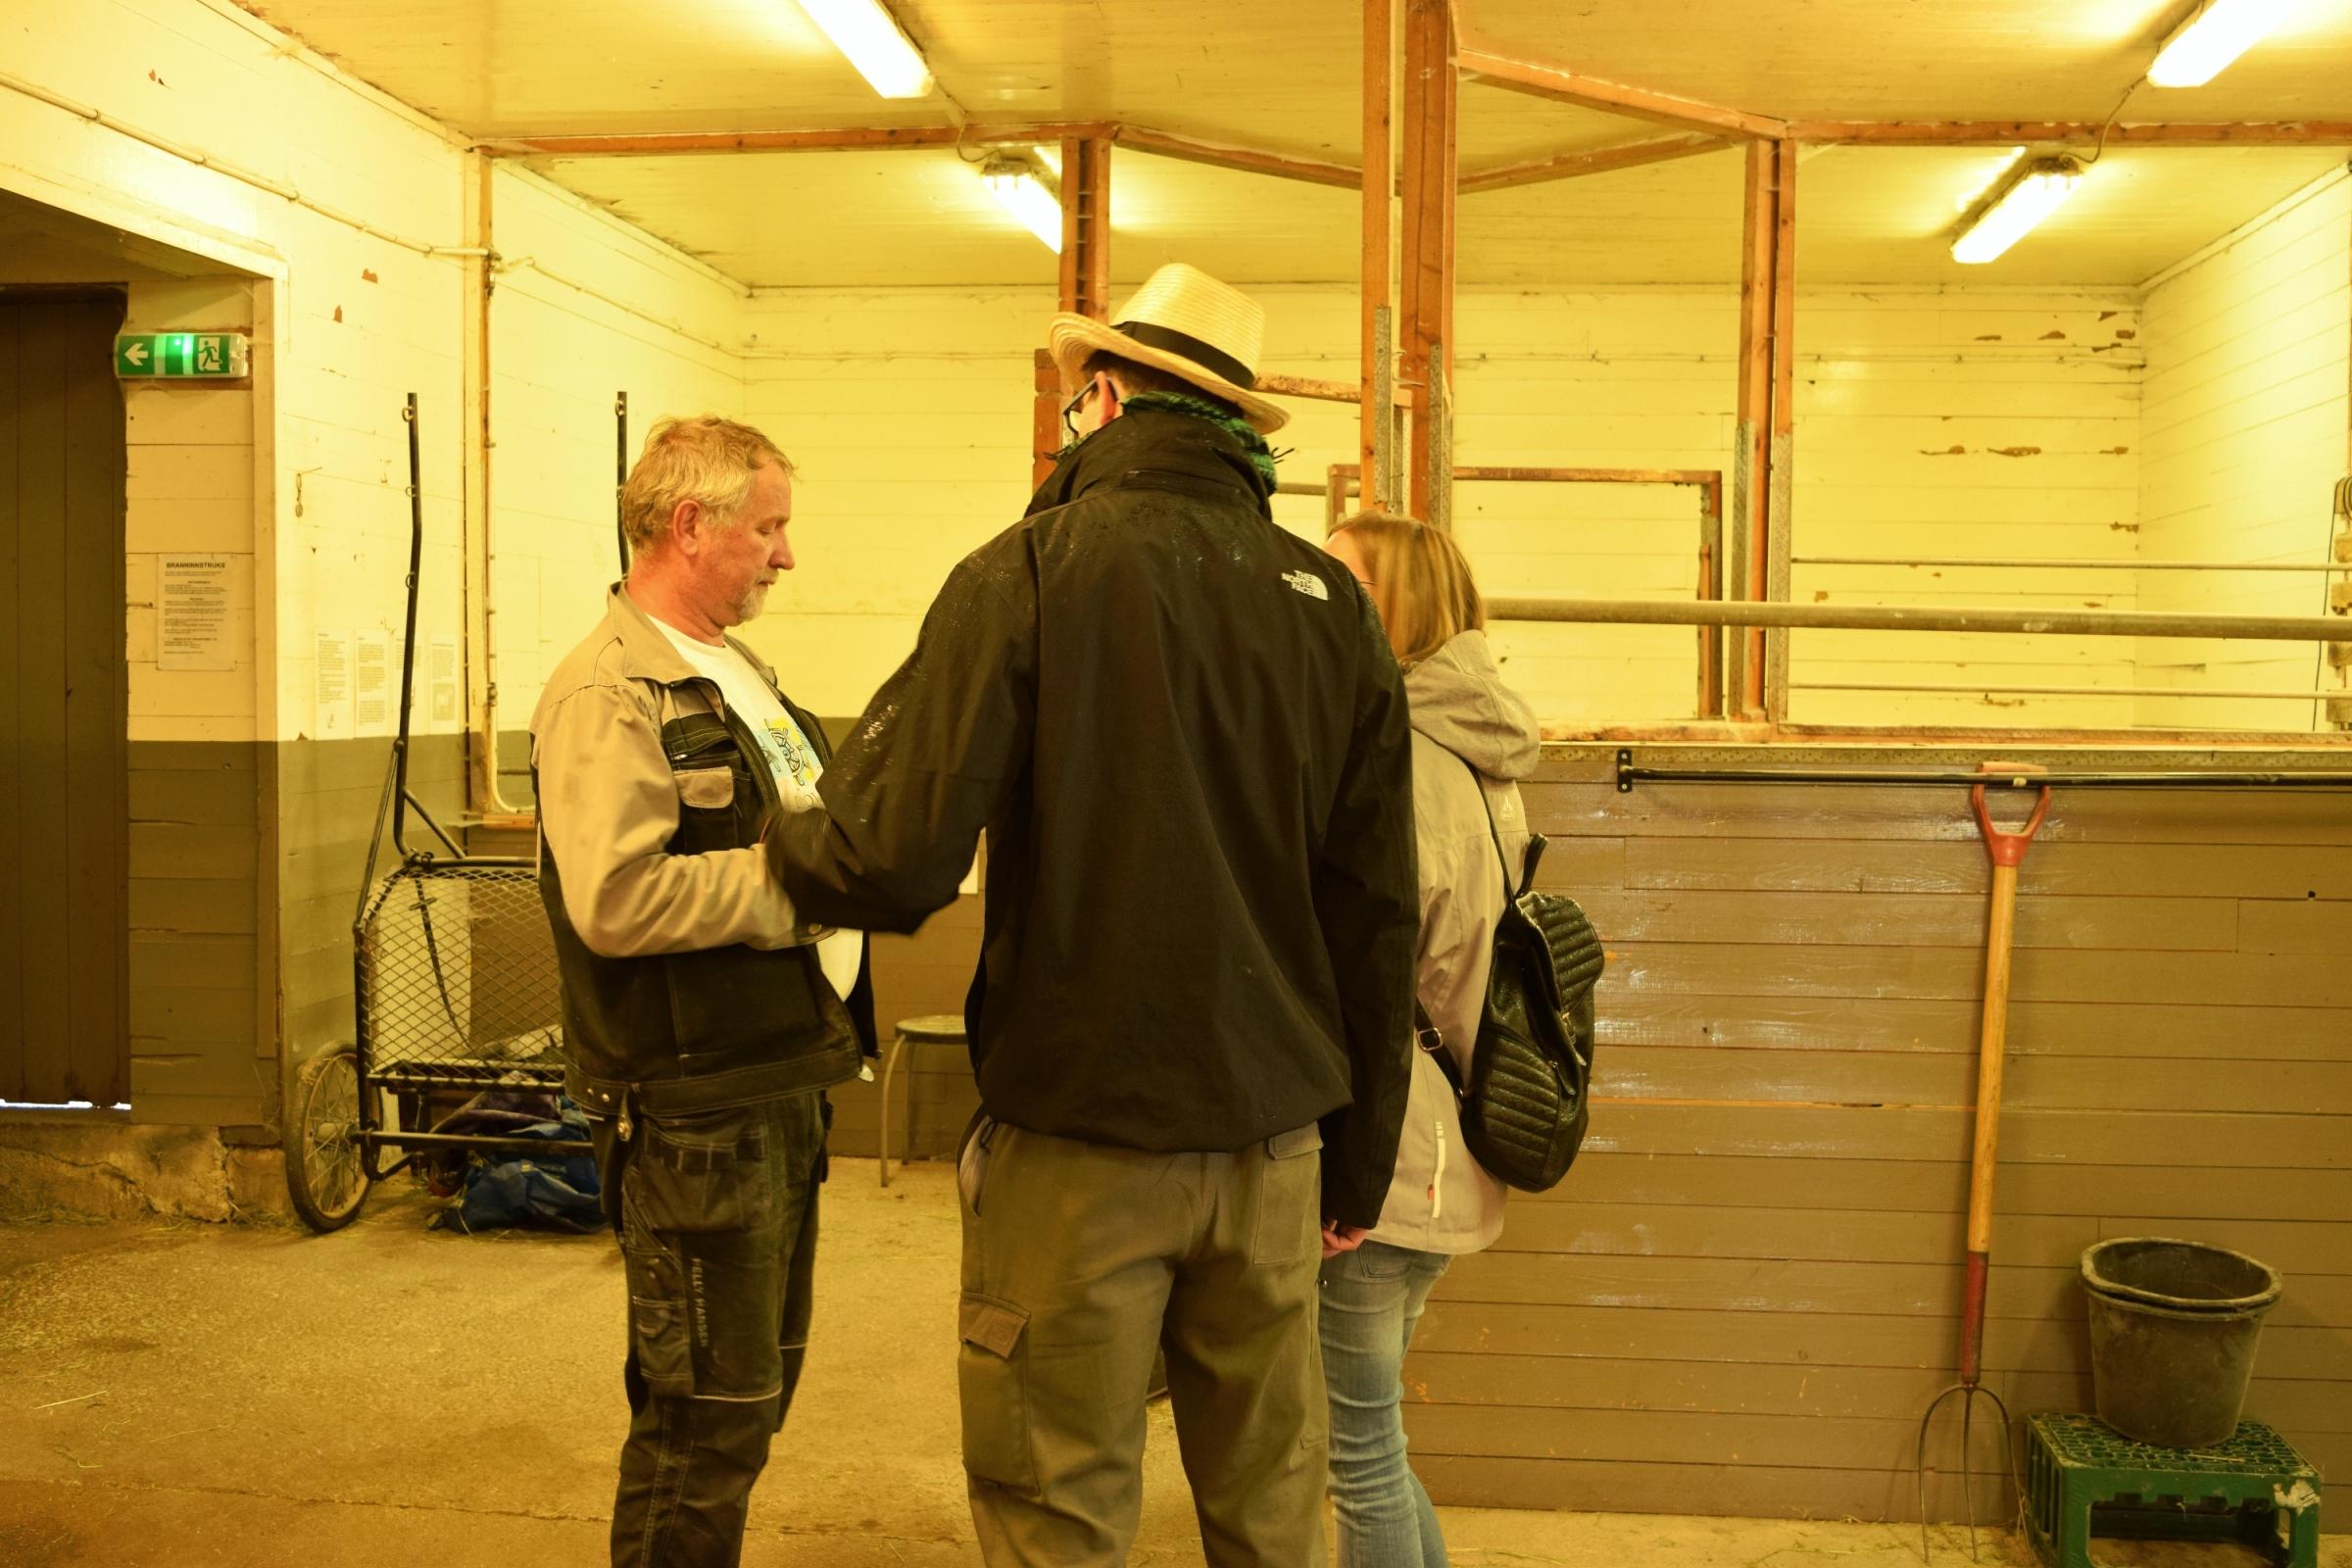 Az istállóban kezdtük a beszélgetést Kristoferrel. Az állatok közül csak a malackák voltak otthon.